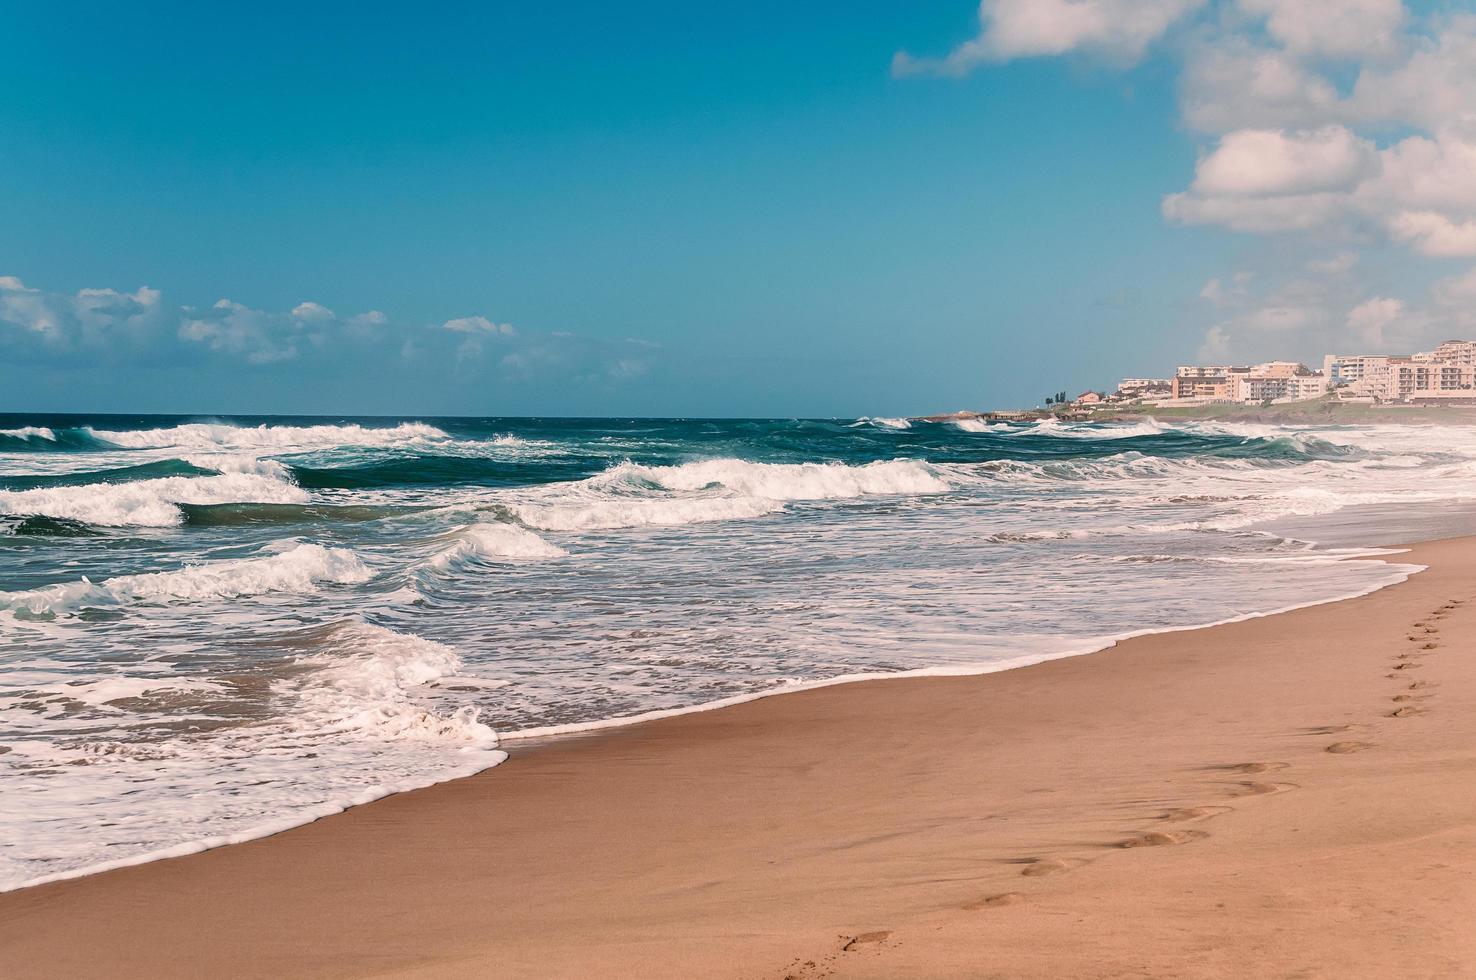 Paradise Ocean Beach, voetafdrukken in nat zand, verre hotels foto